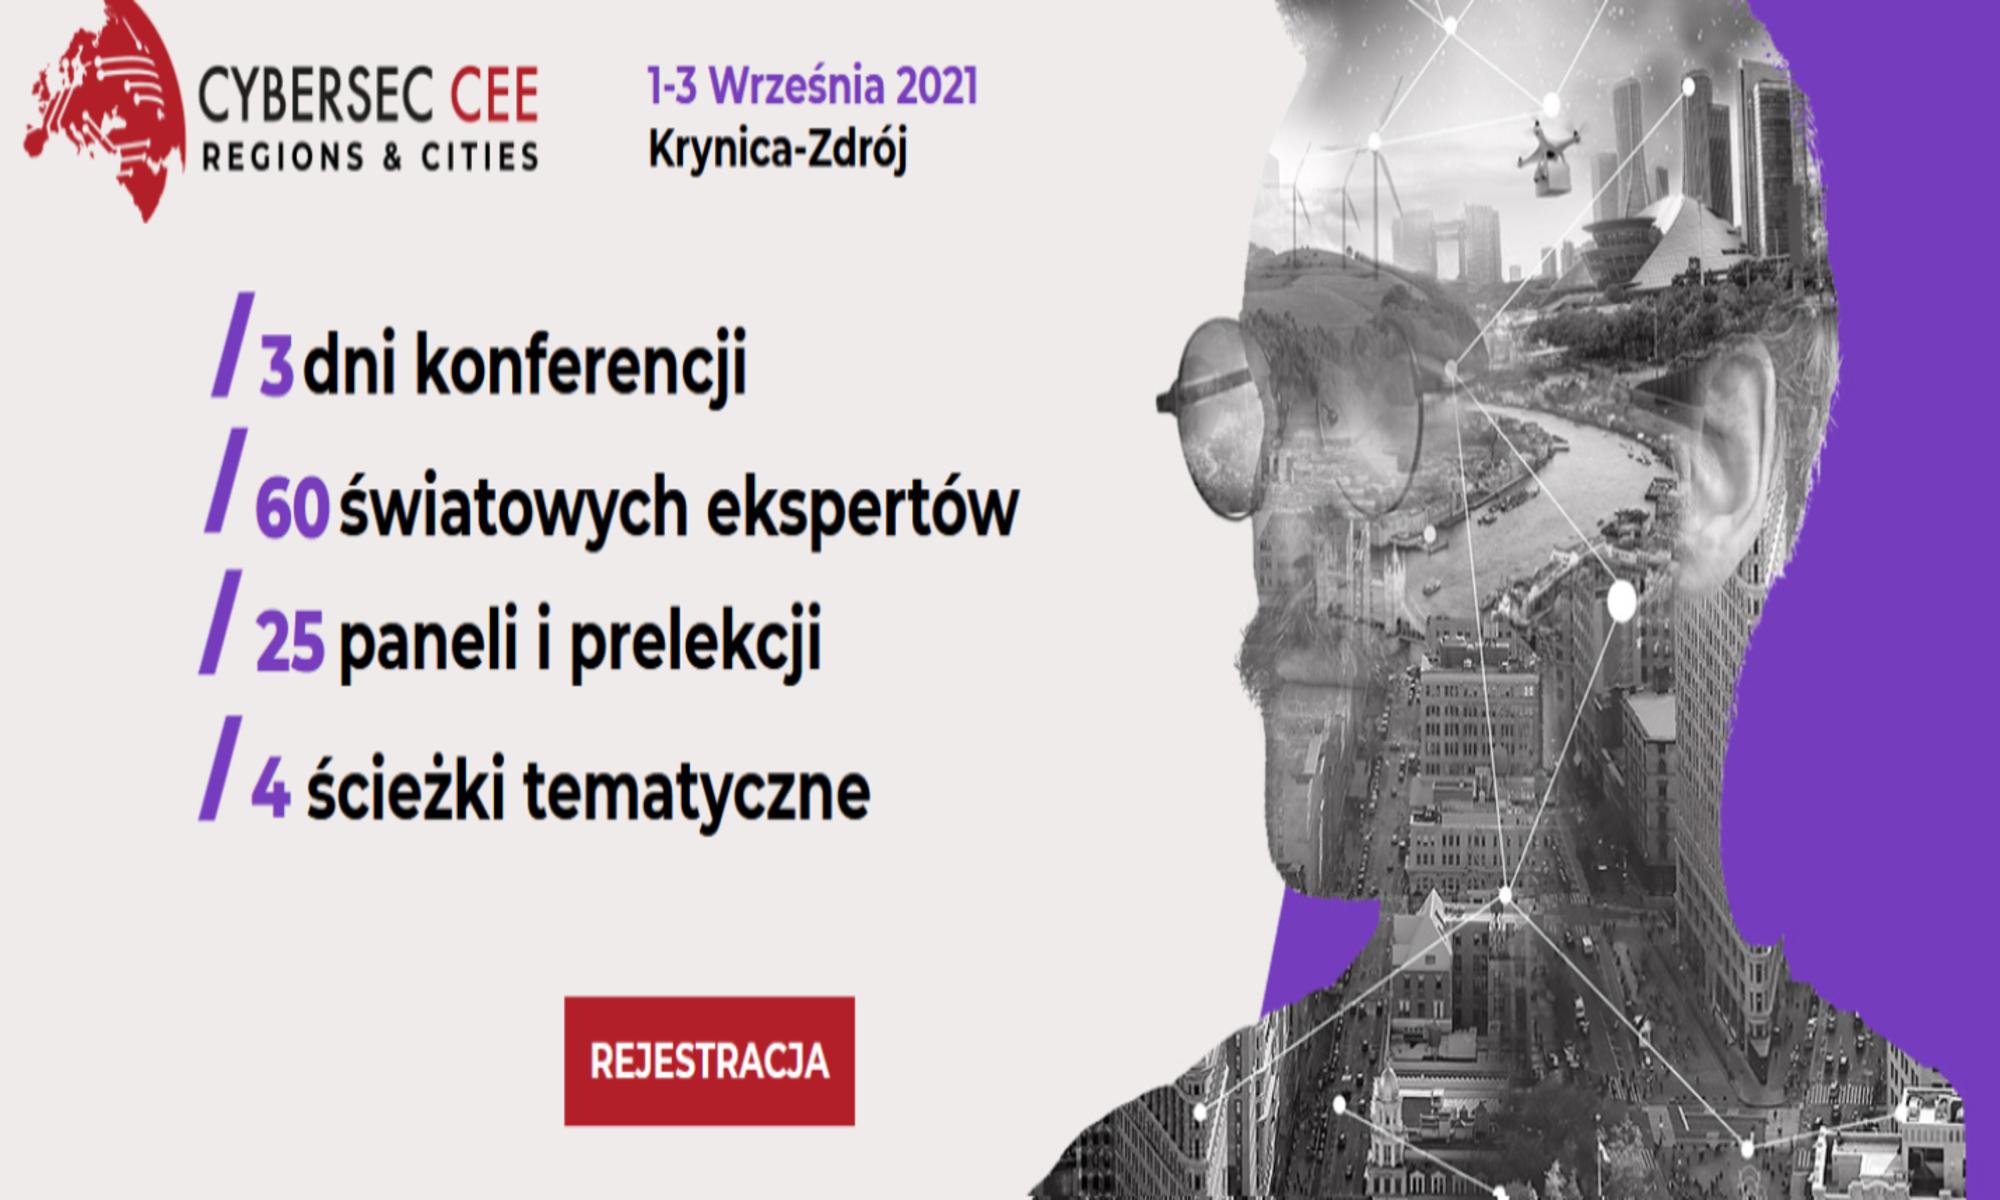 Konferencja dot. cyberbezpieczeństwa w Krynicy- Zdroju